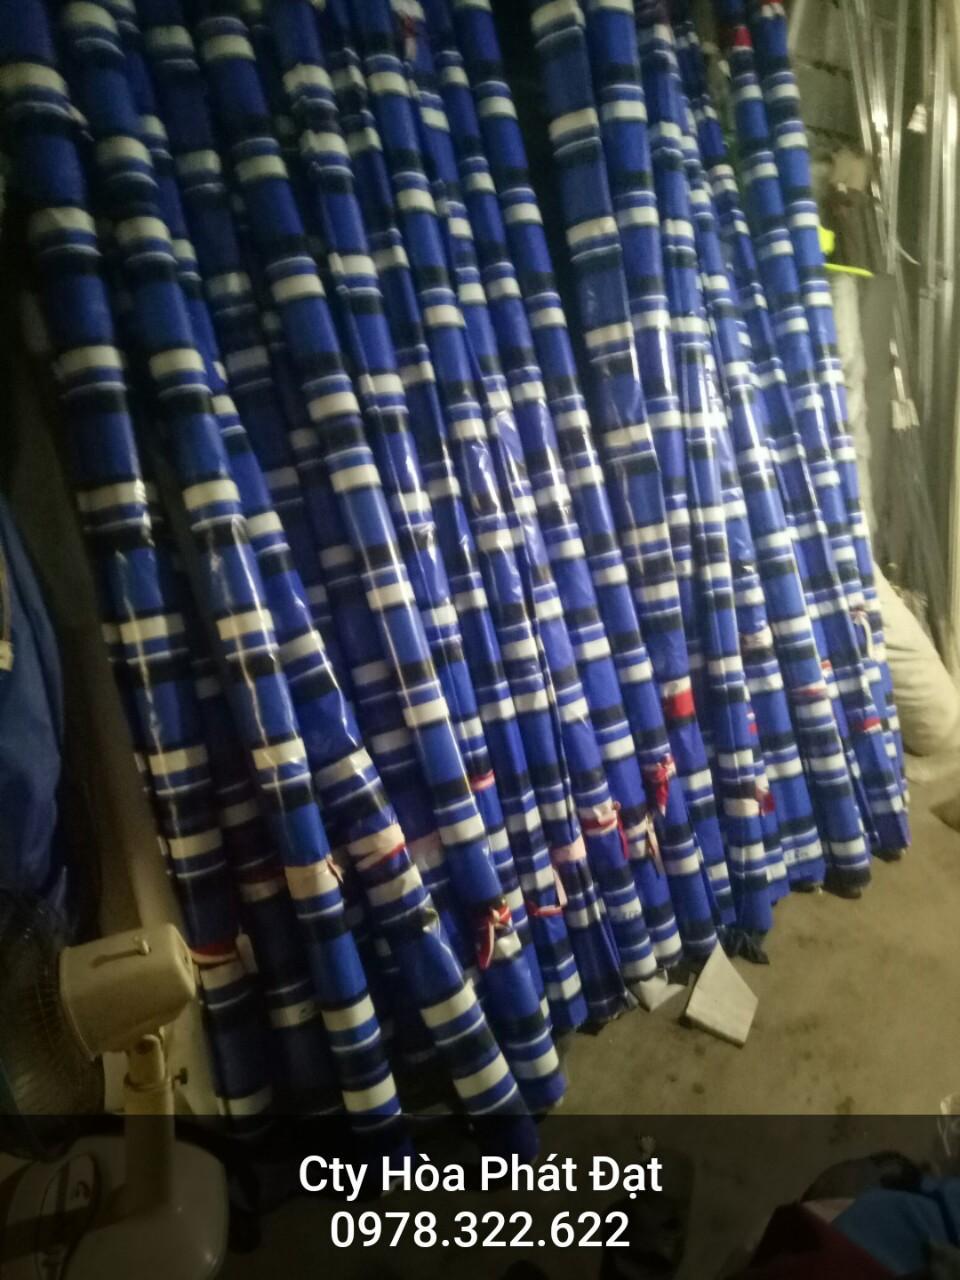 Chuyên cung cấp nhận in may ép vải bạt mái hiên mái xếp theo yêu cầu, gia công thay bạt mái che tại long xuyên an giang